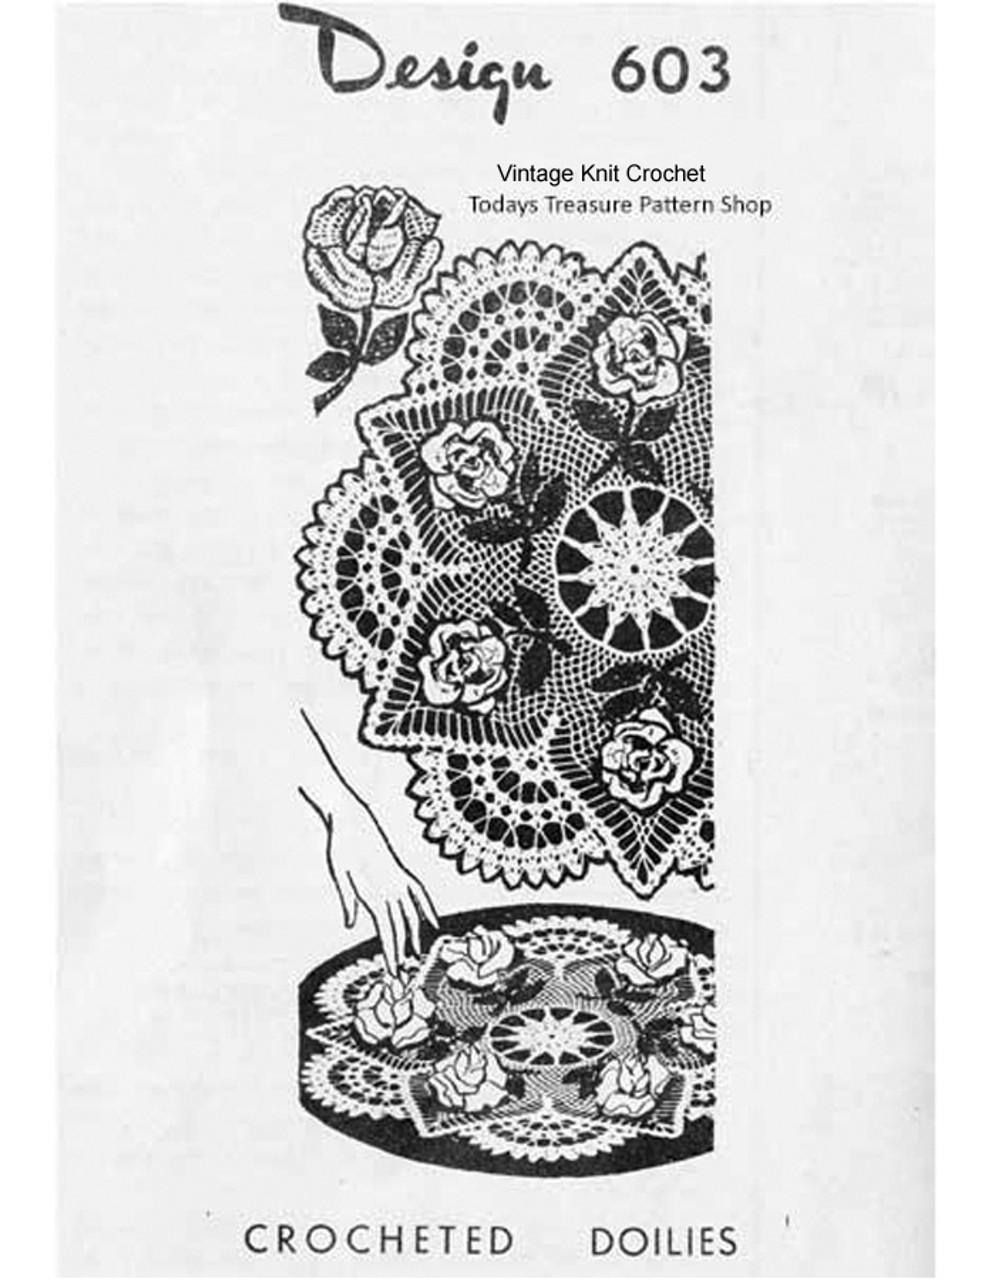 3-d Crochet rose doily pattern, Mail Order 603